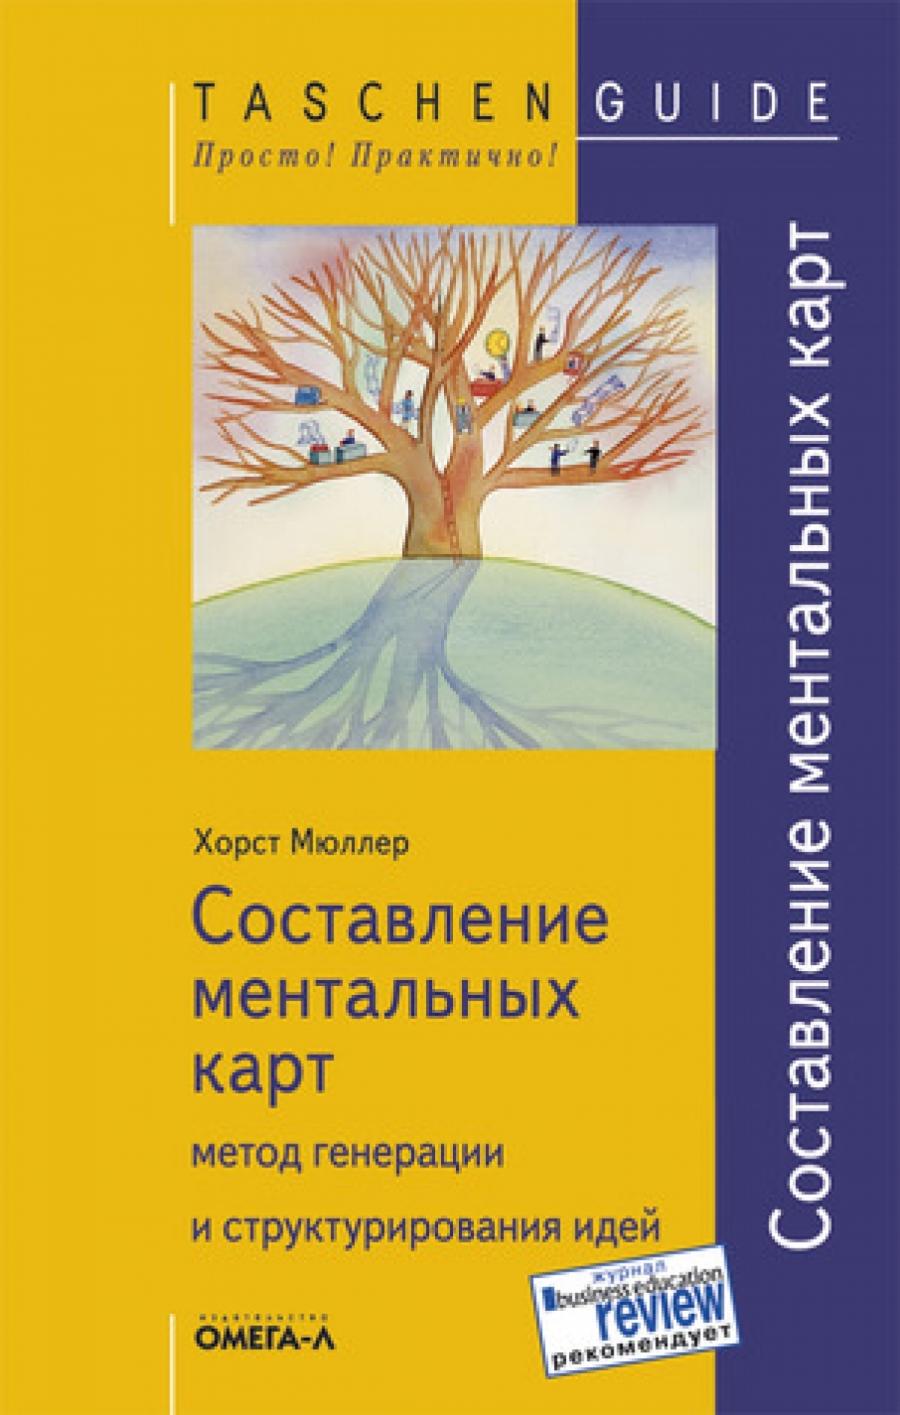 Обложка книги:  хорст мюллер - составление ментальных карт метод генерации и структурирования идей